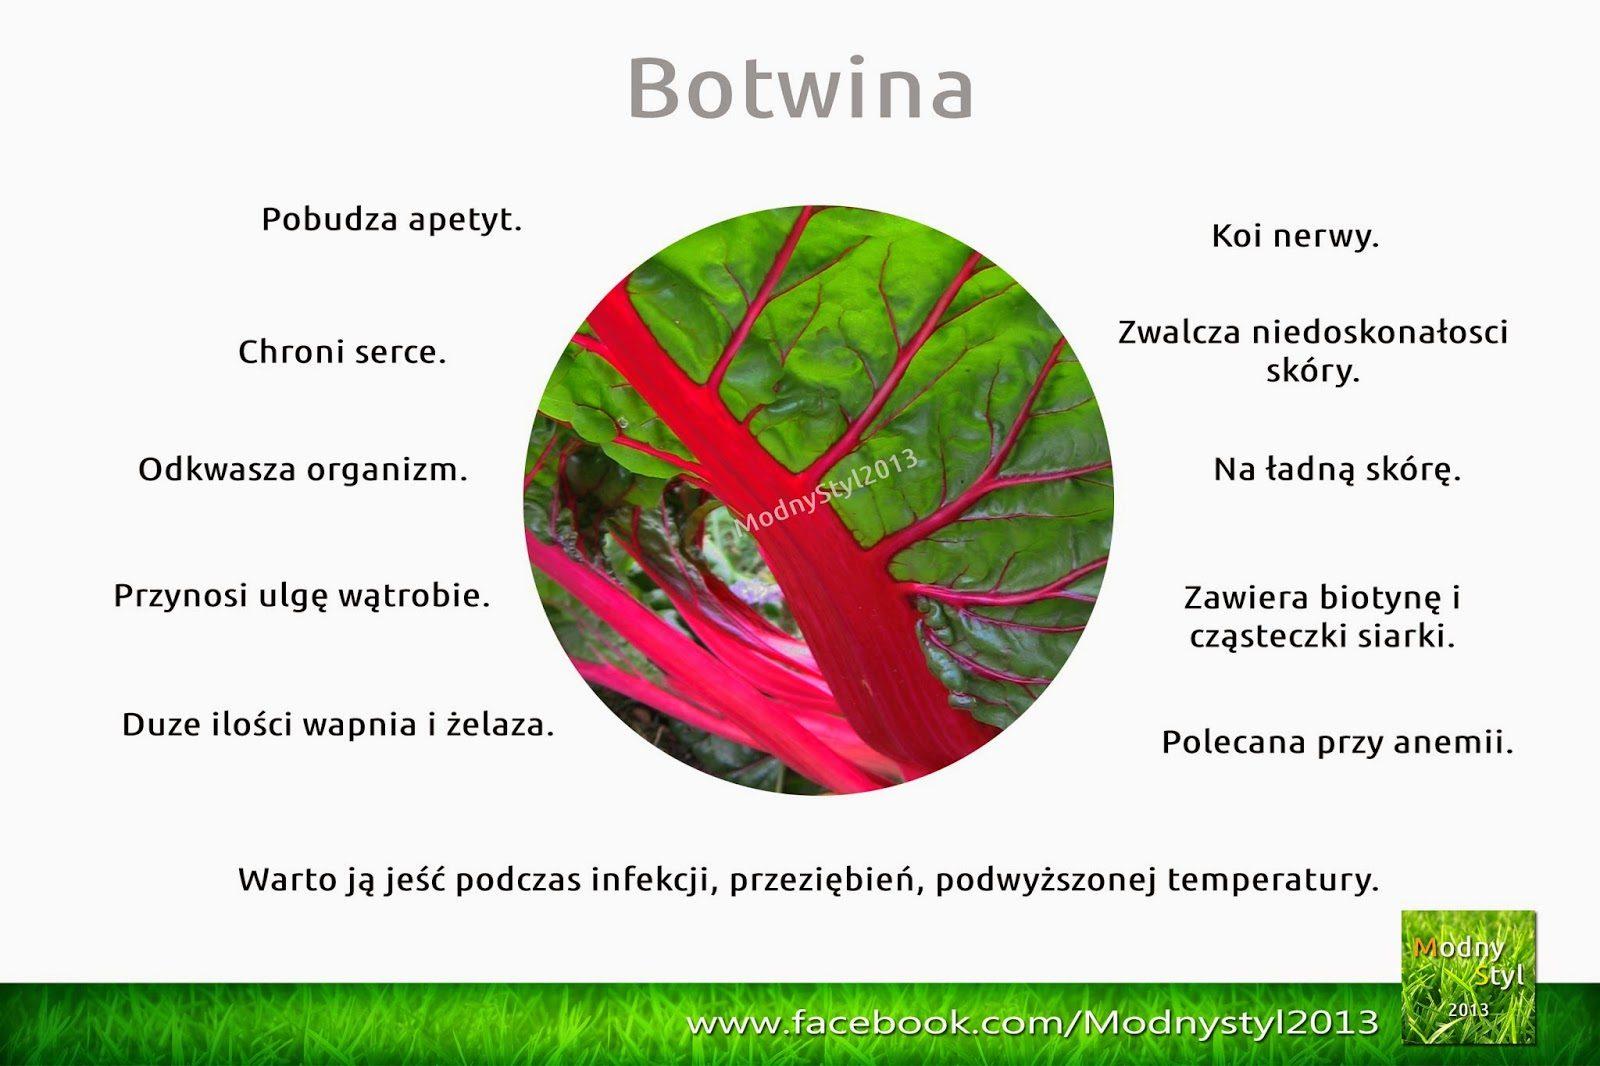 botwina-3376000